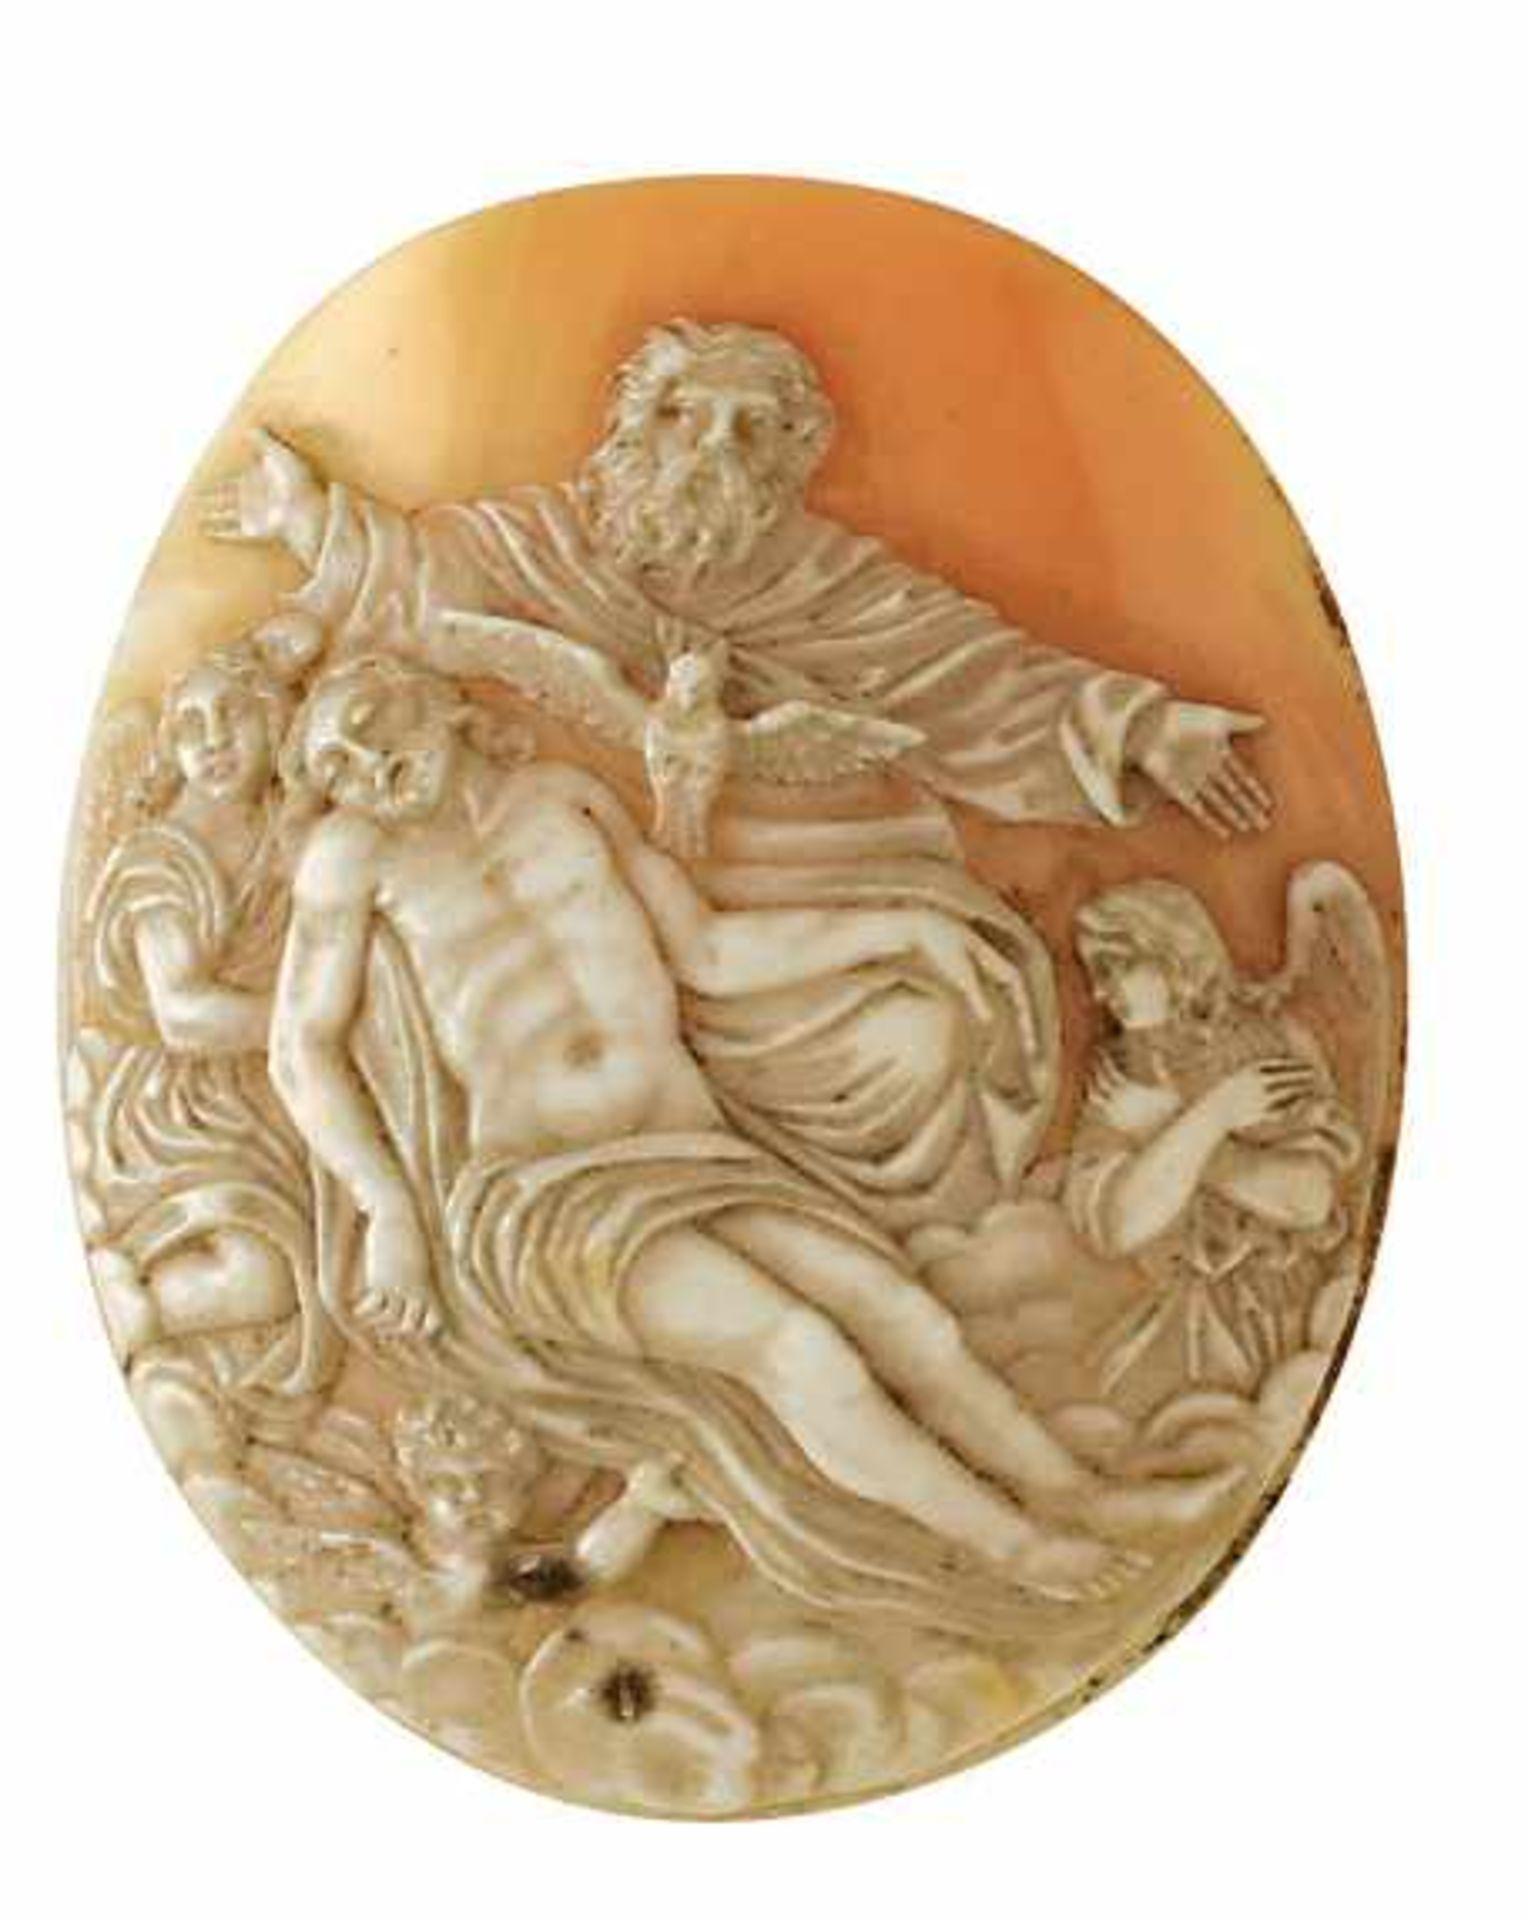 Muschel-Kamee1. Hälfte 20. Jh. Hochovale, gewölbte Form mit detaillierter Darstellung der heiligen